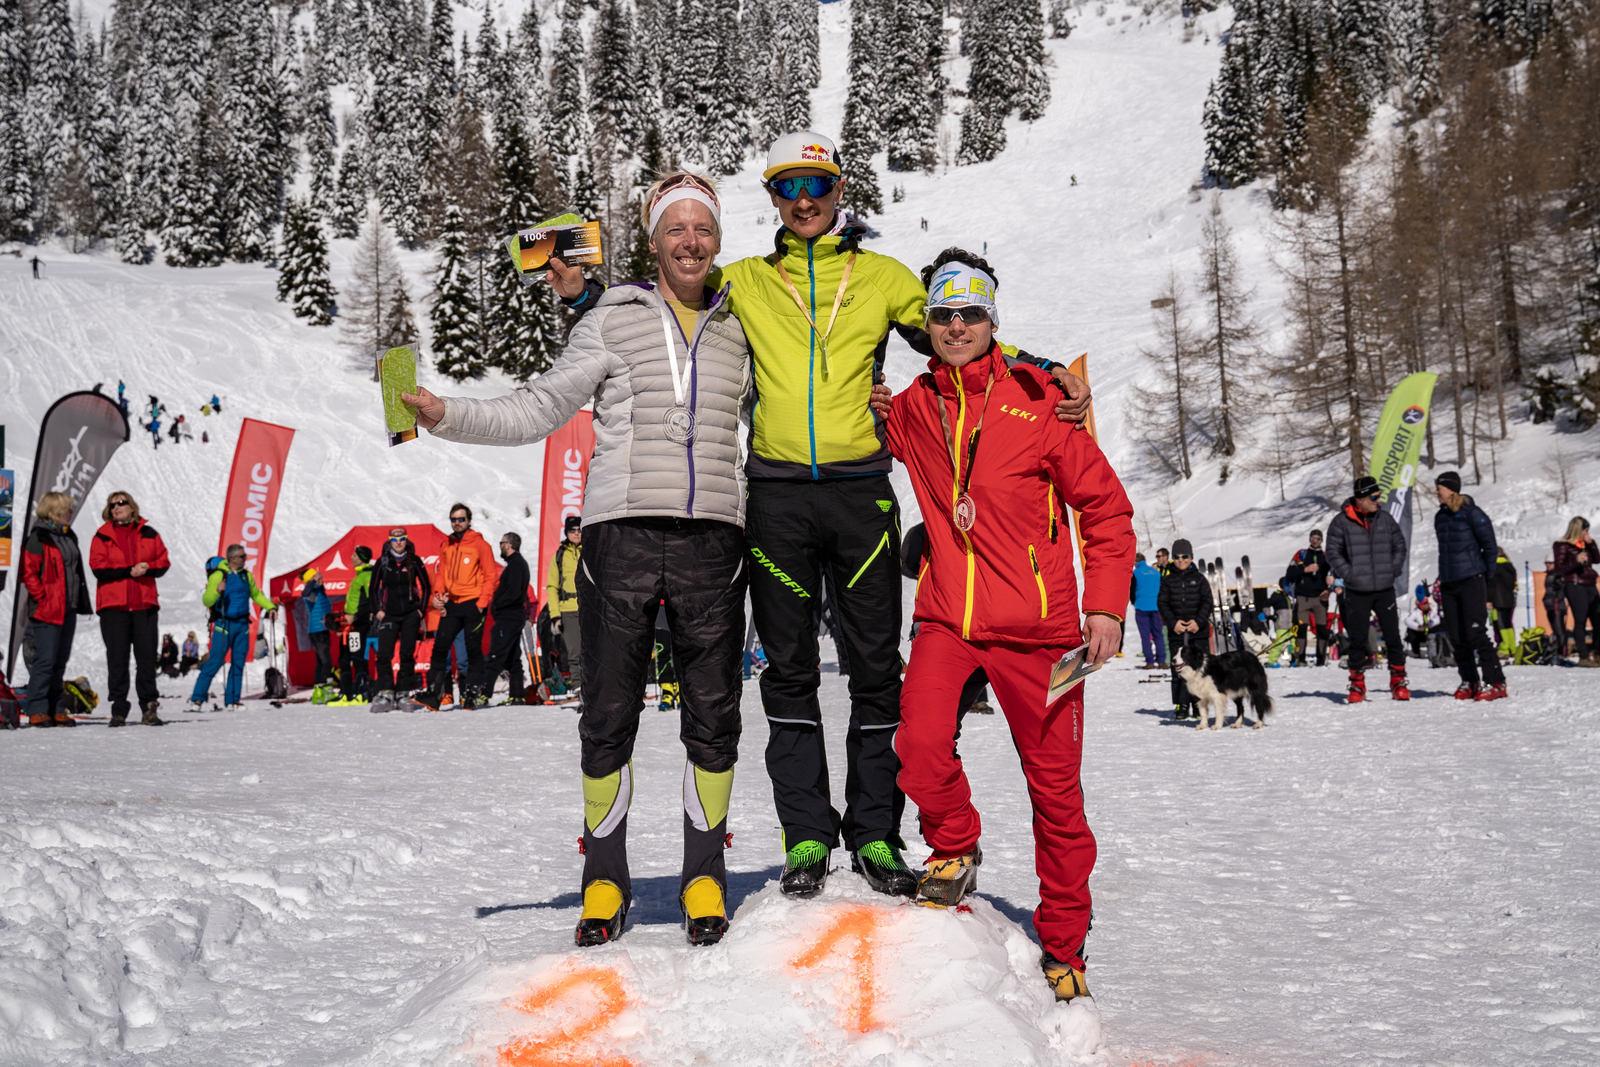 zelenica_ski_raid_2020_clani_foto_ziga_erzen